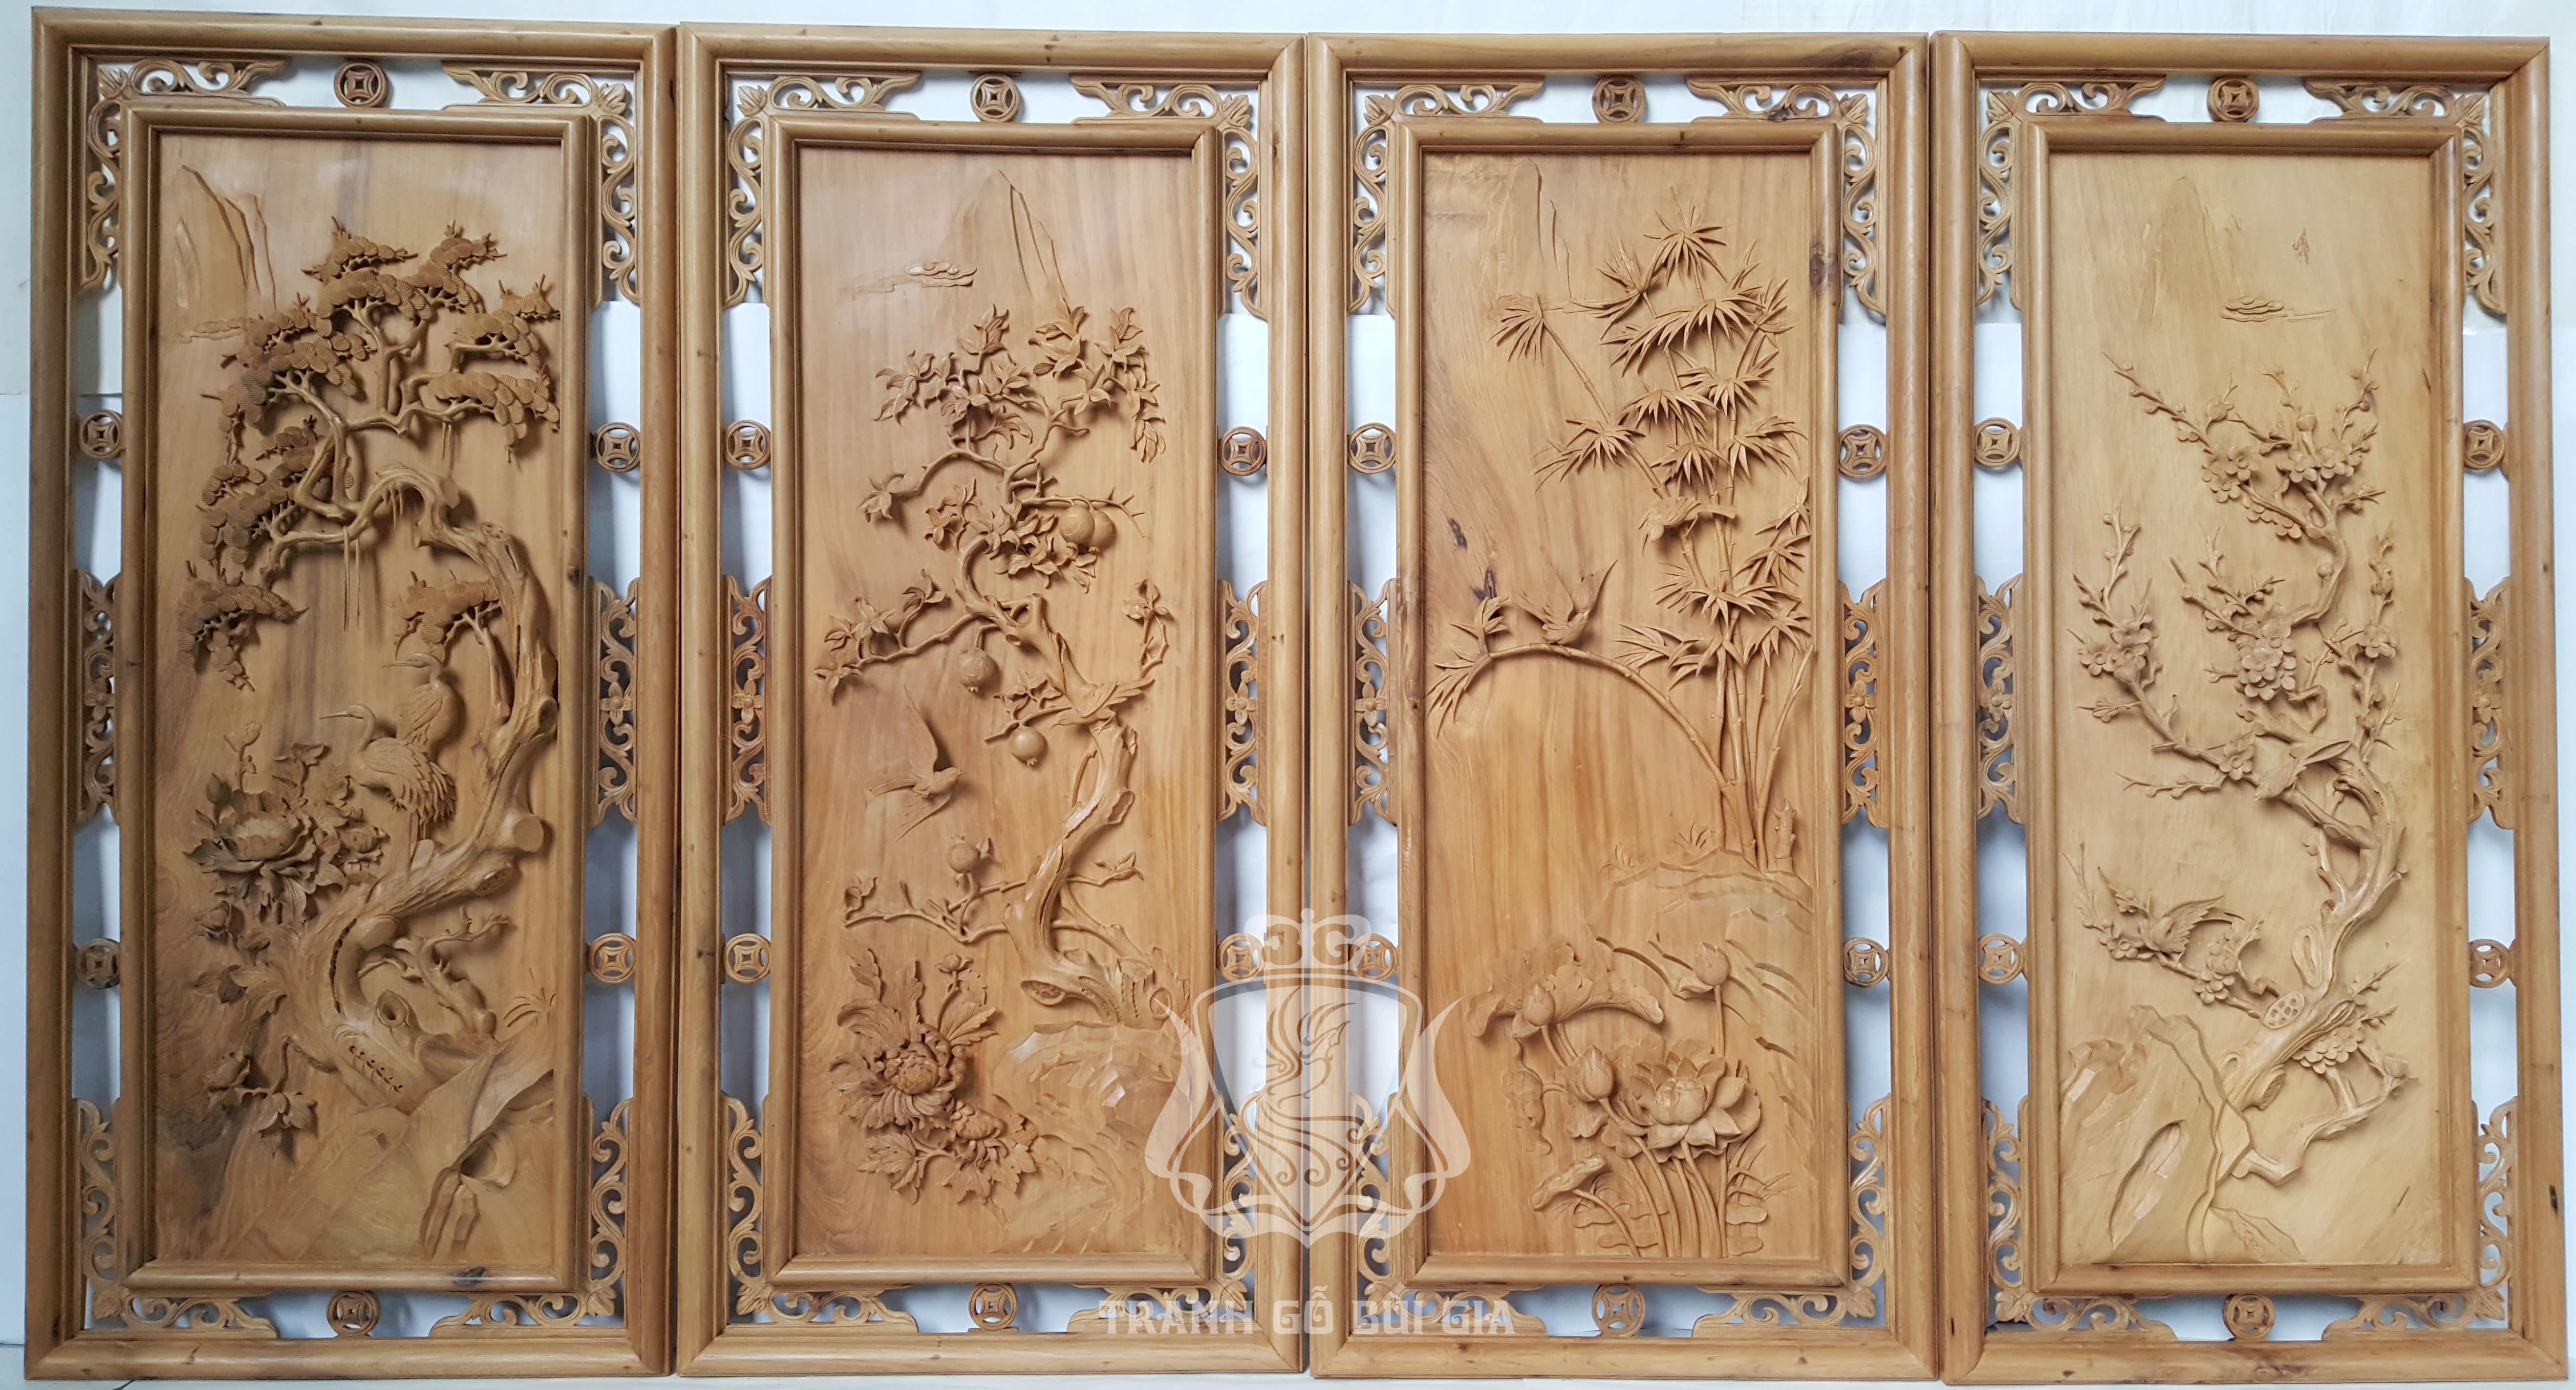 Tranh gỗ tứ quý Tùng Lựu Cúc Mai. Đục tay gỗ Bách Xanh